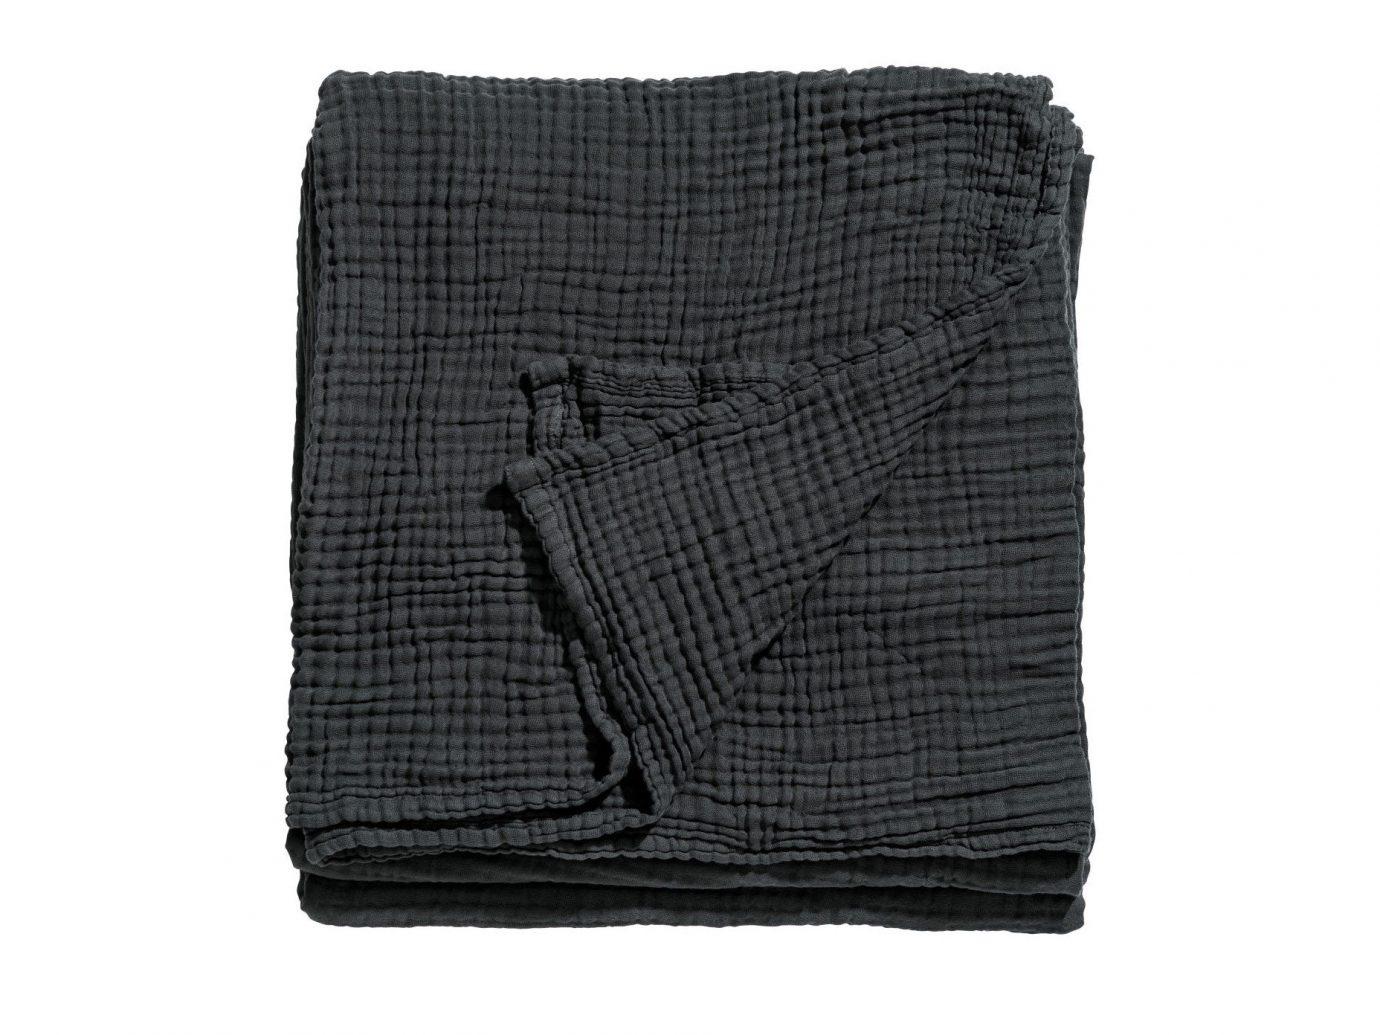 City Copenhagen Kyoto Marrakech Palm Springs Style + Design Travel Shop Tulum black pocket product pattern textile Design linens